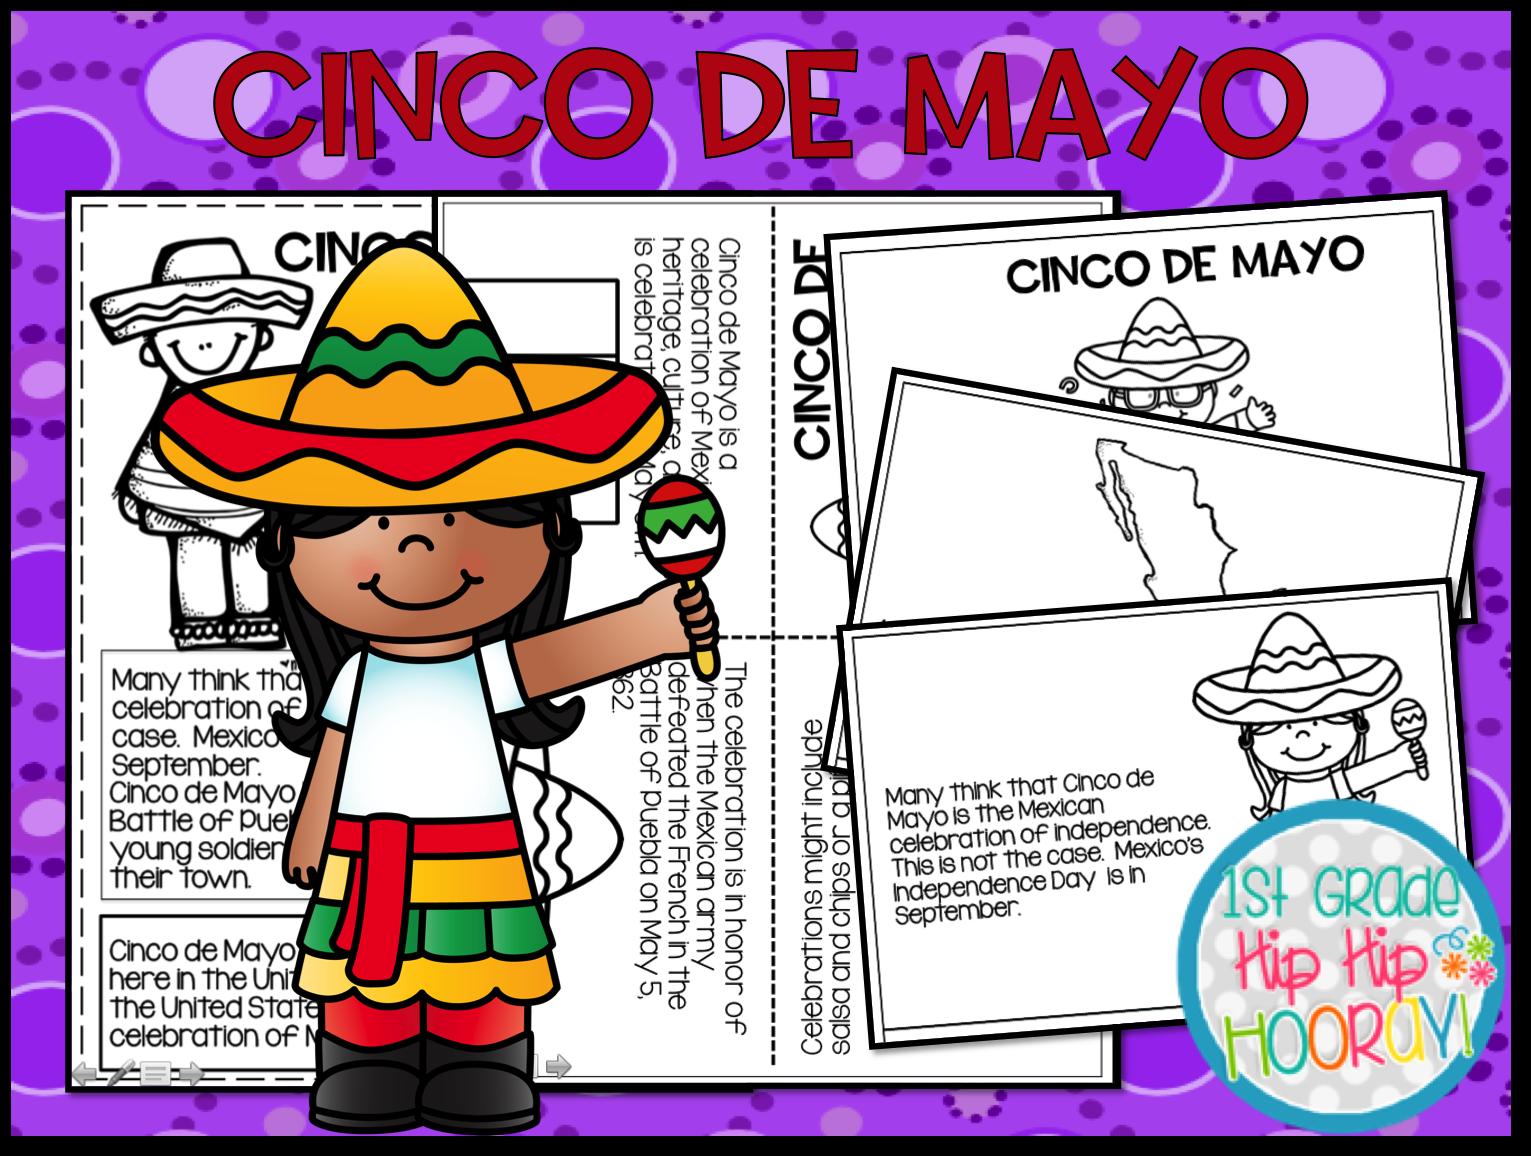 1st Grade Hip Hip Hooray Cinco De Mayo Y 5th